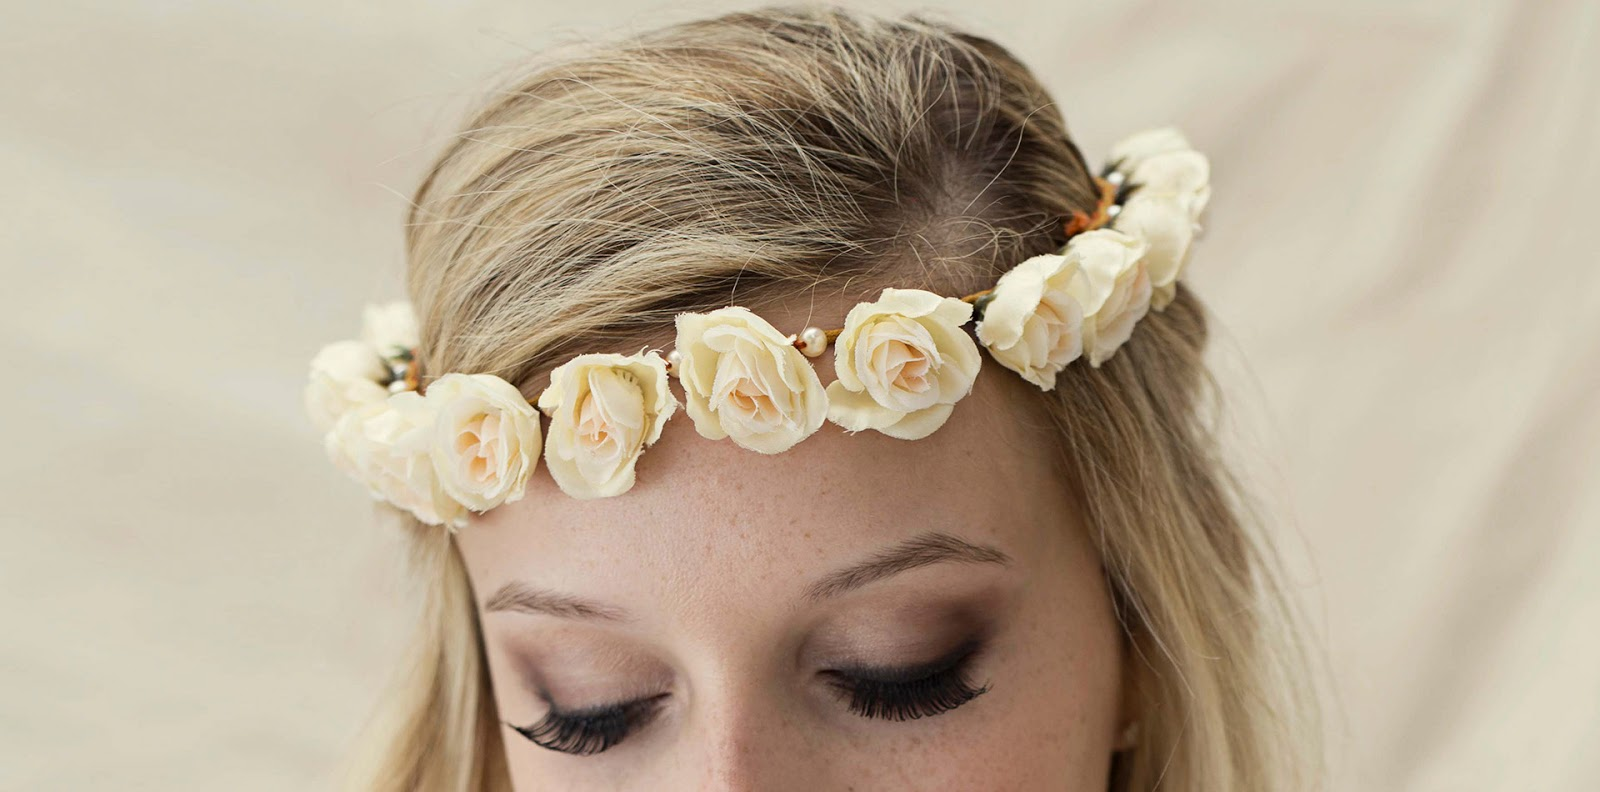 Muito Sapatinho de cristal: Melhores Coroas de flores | Tumblr XI17